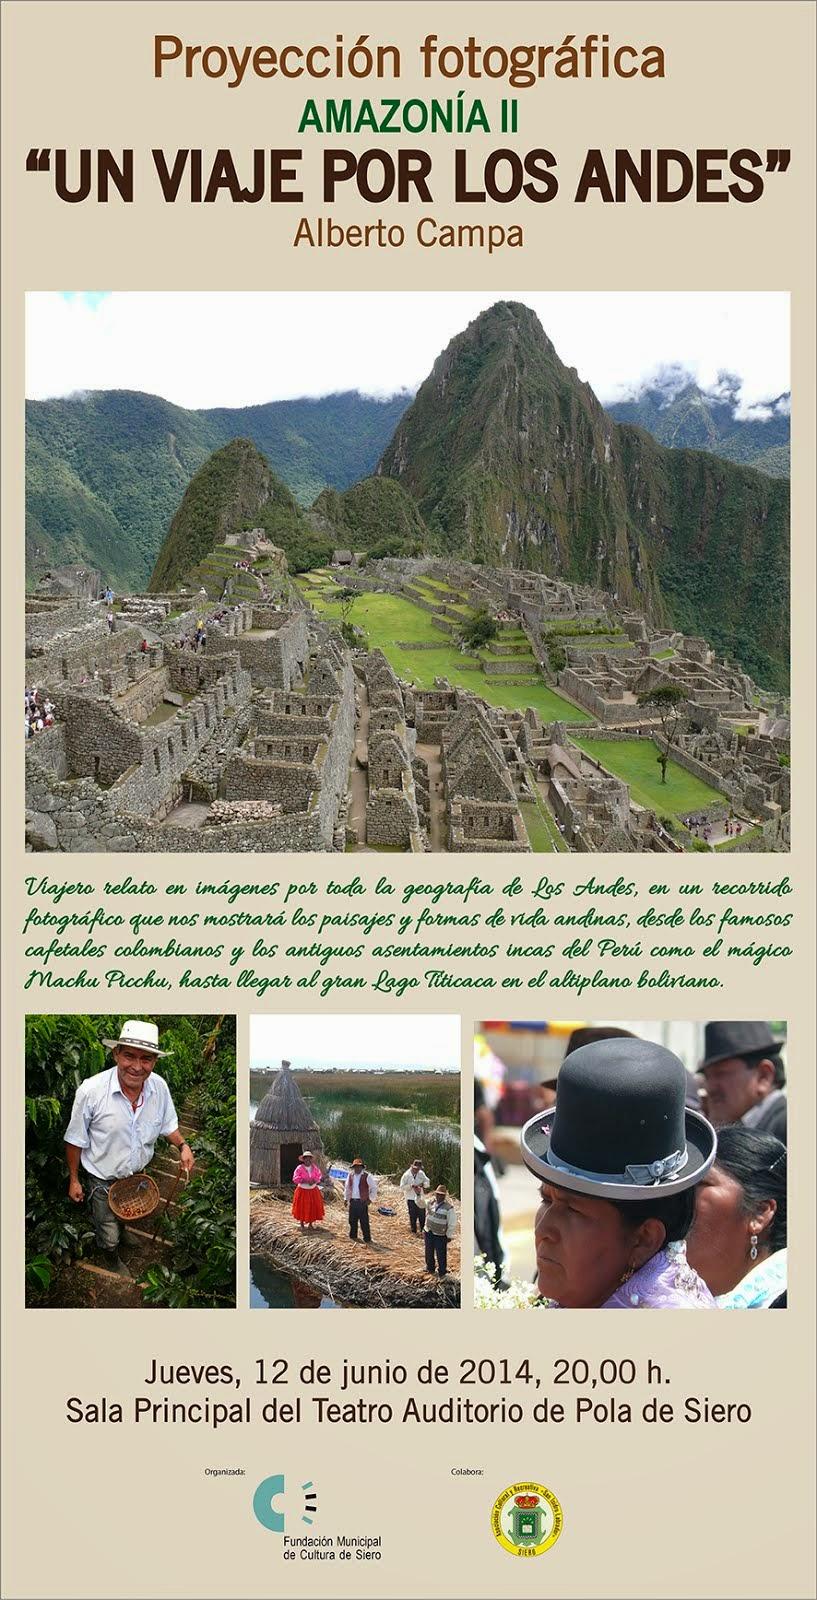 AMAZONIA II - UN VIAJE POR LOS ANDES